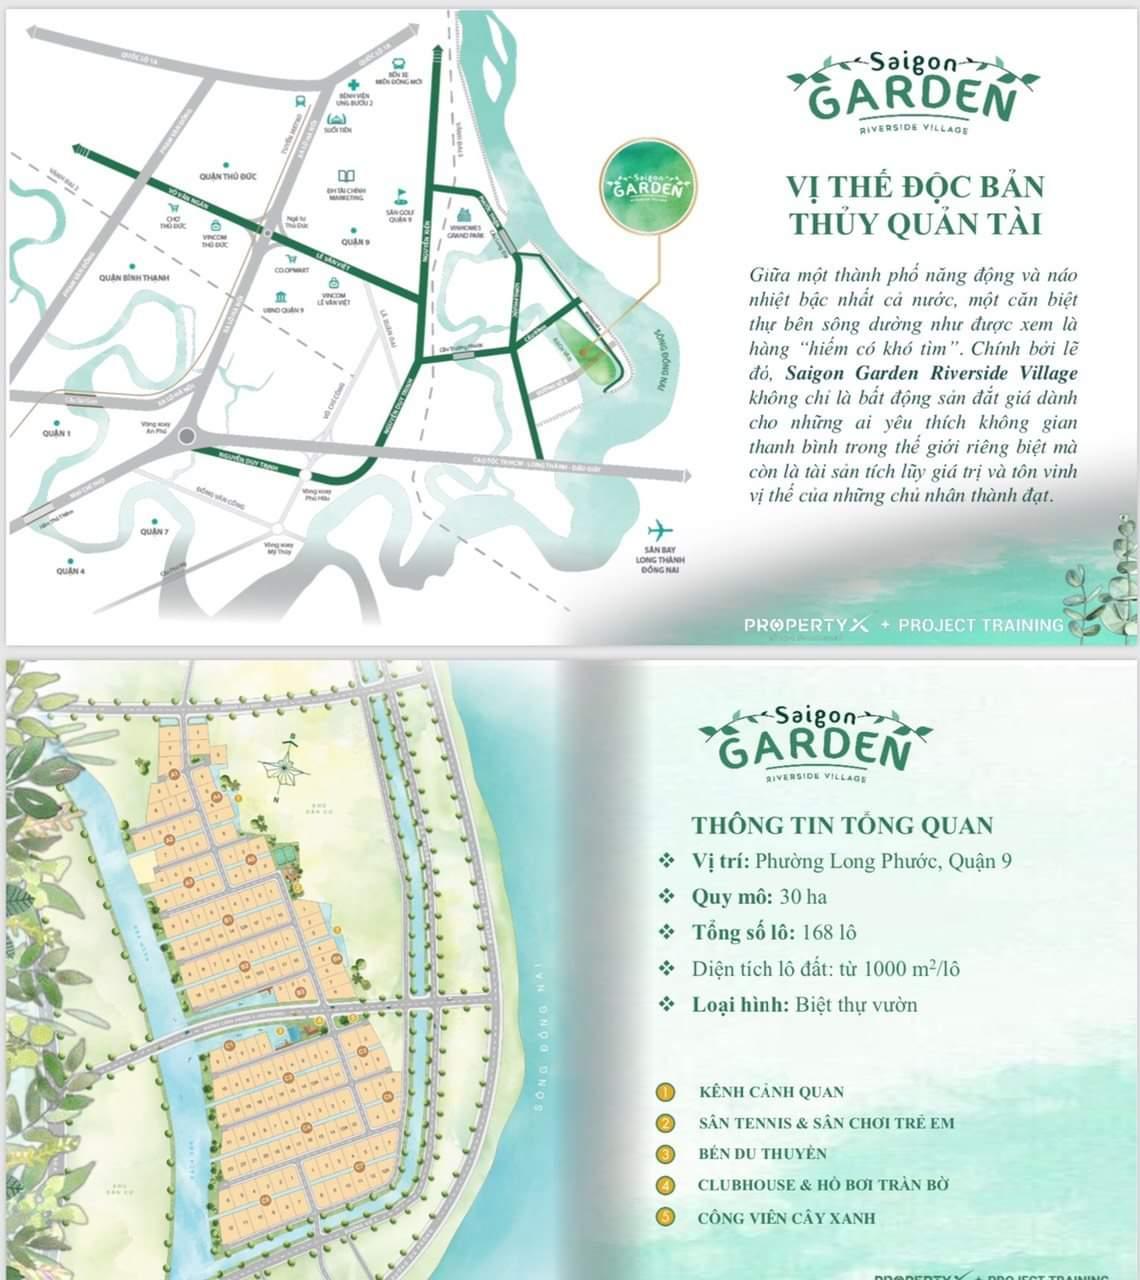 3 Saigon Garden Riverside Village - Hình thức sở hữu lâu dài, biệt thự nhà vườn nghỉ dưỡng